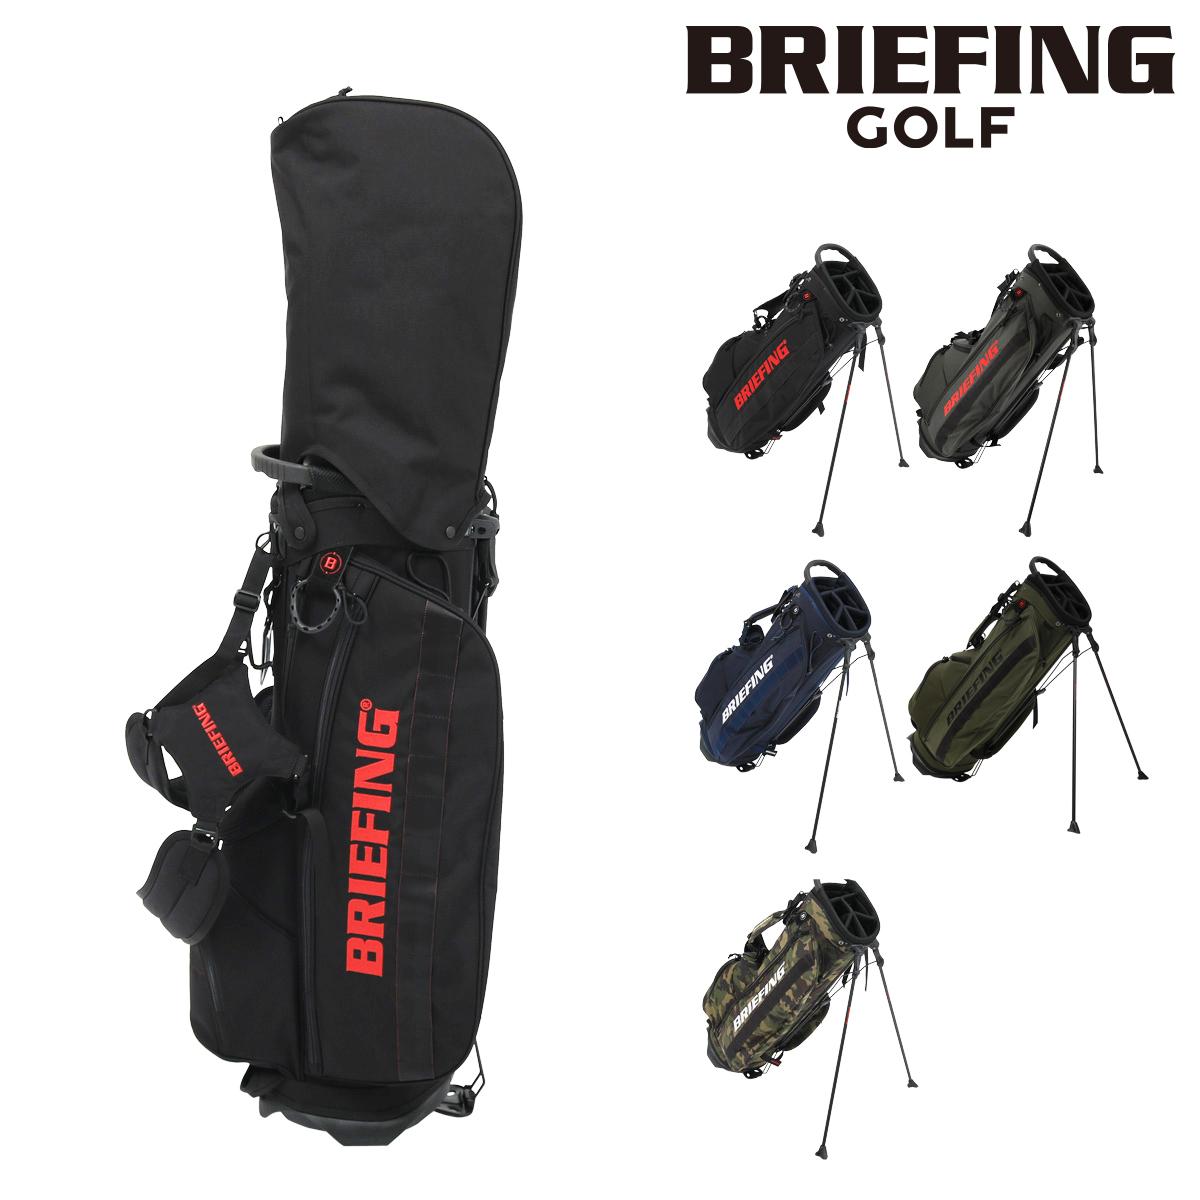 ブリーフィング ゴルフ キャディバッグ メンズ BRG183701 BRIEFING CR-4 #01[PO10][bef][即日発送]